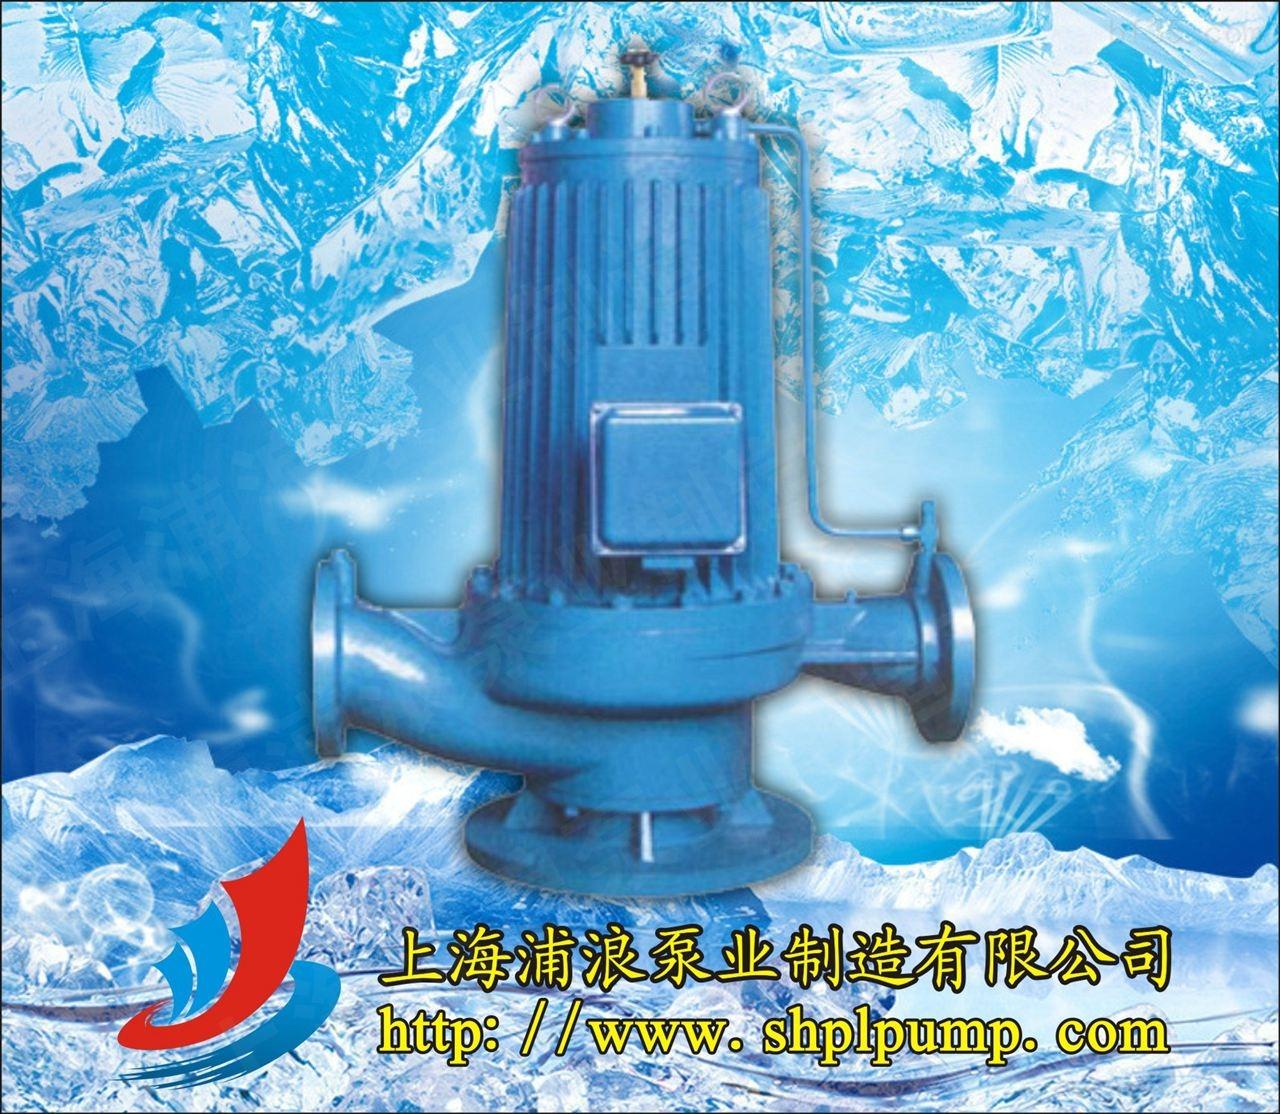 离心泵,SPG屏蔽离心泵原理,,屏蔽离心泵价格,屏蔽离心泵工作原理